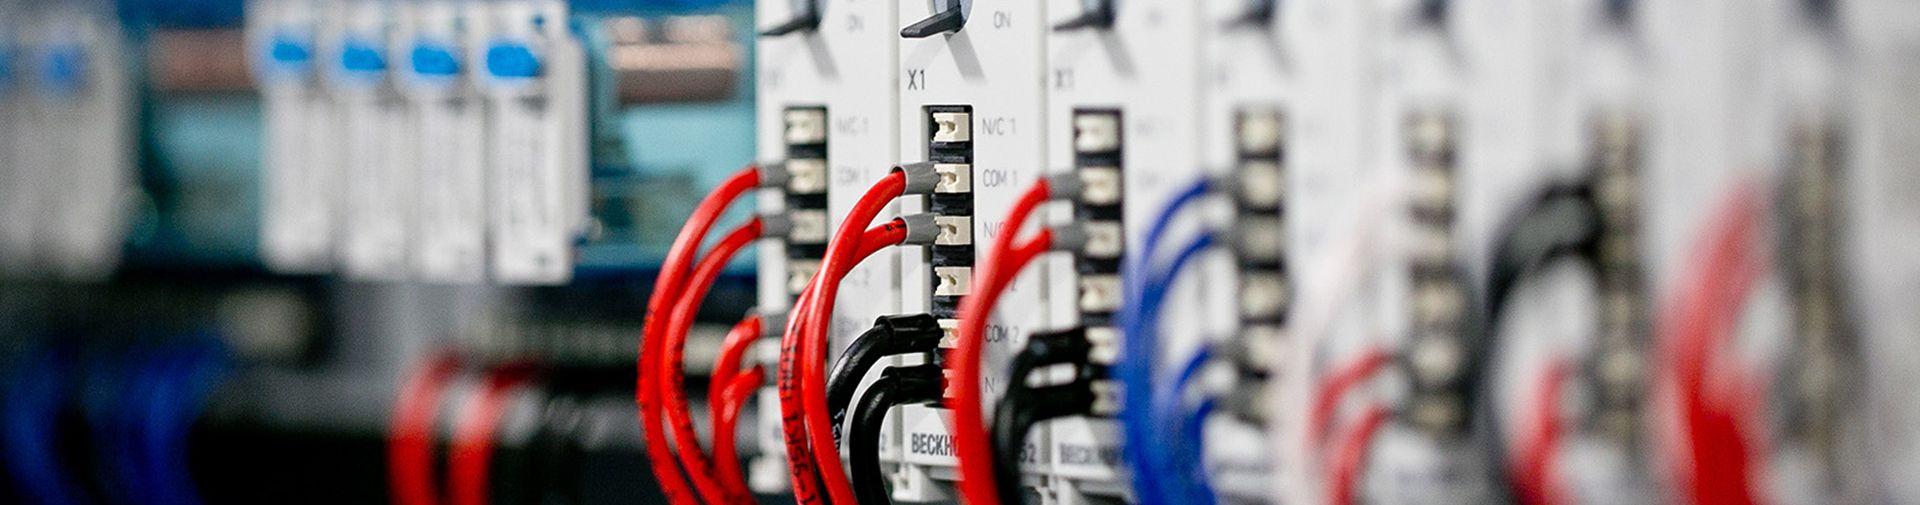 Ausbildung Elektroniker (m/w/d)